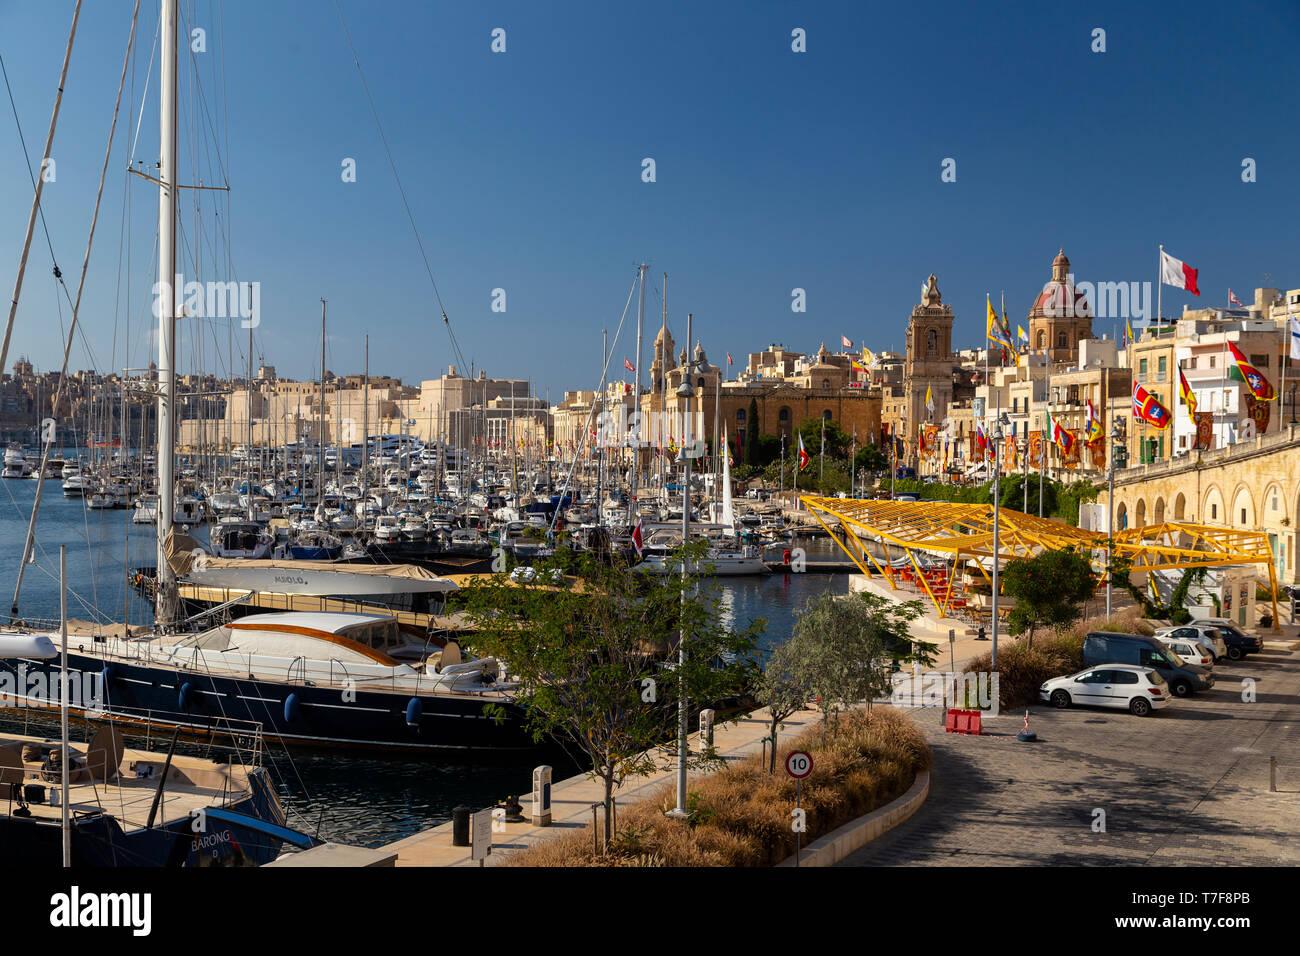 Malta, Malta, Valletta, Vittoriosa Town - Stock Image